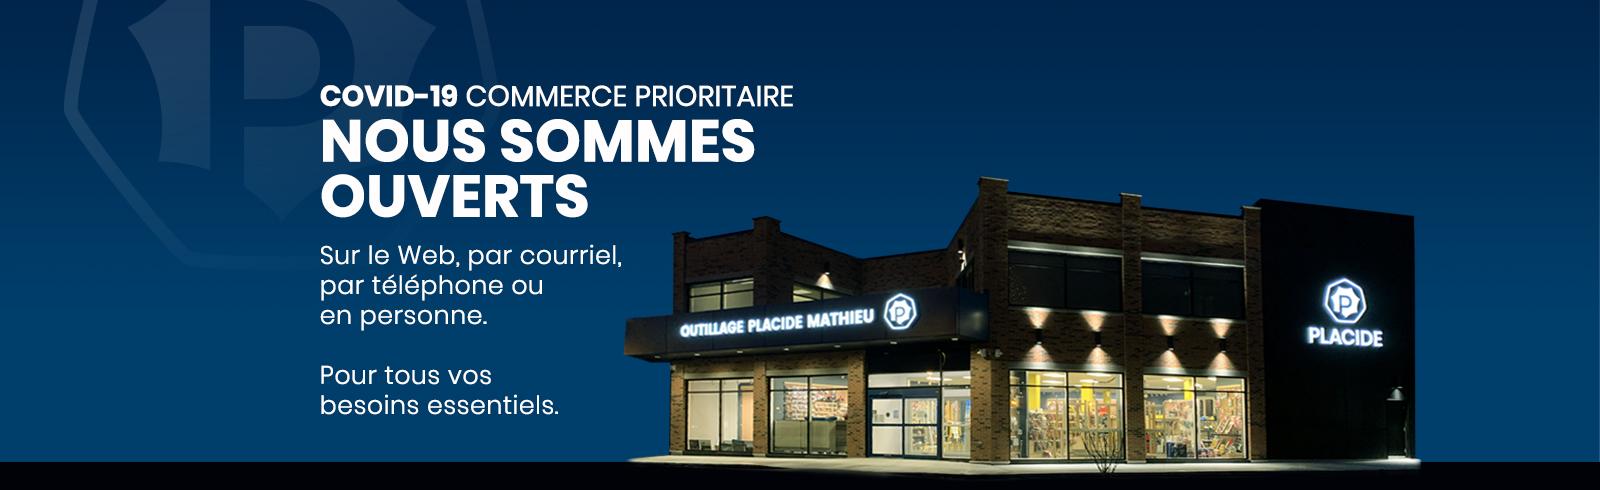 COVID-19 Commerce prioritaire